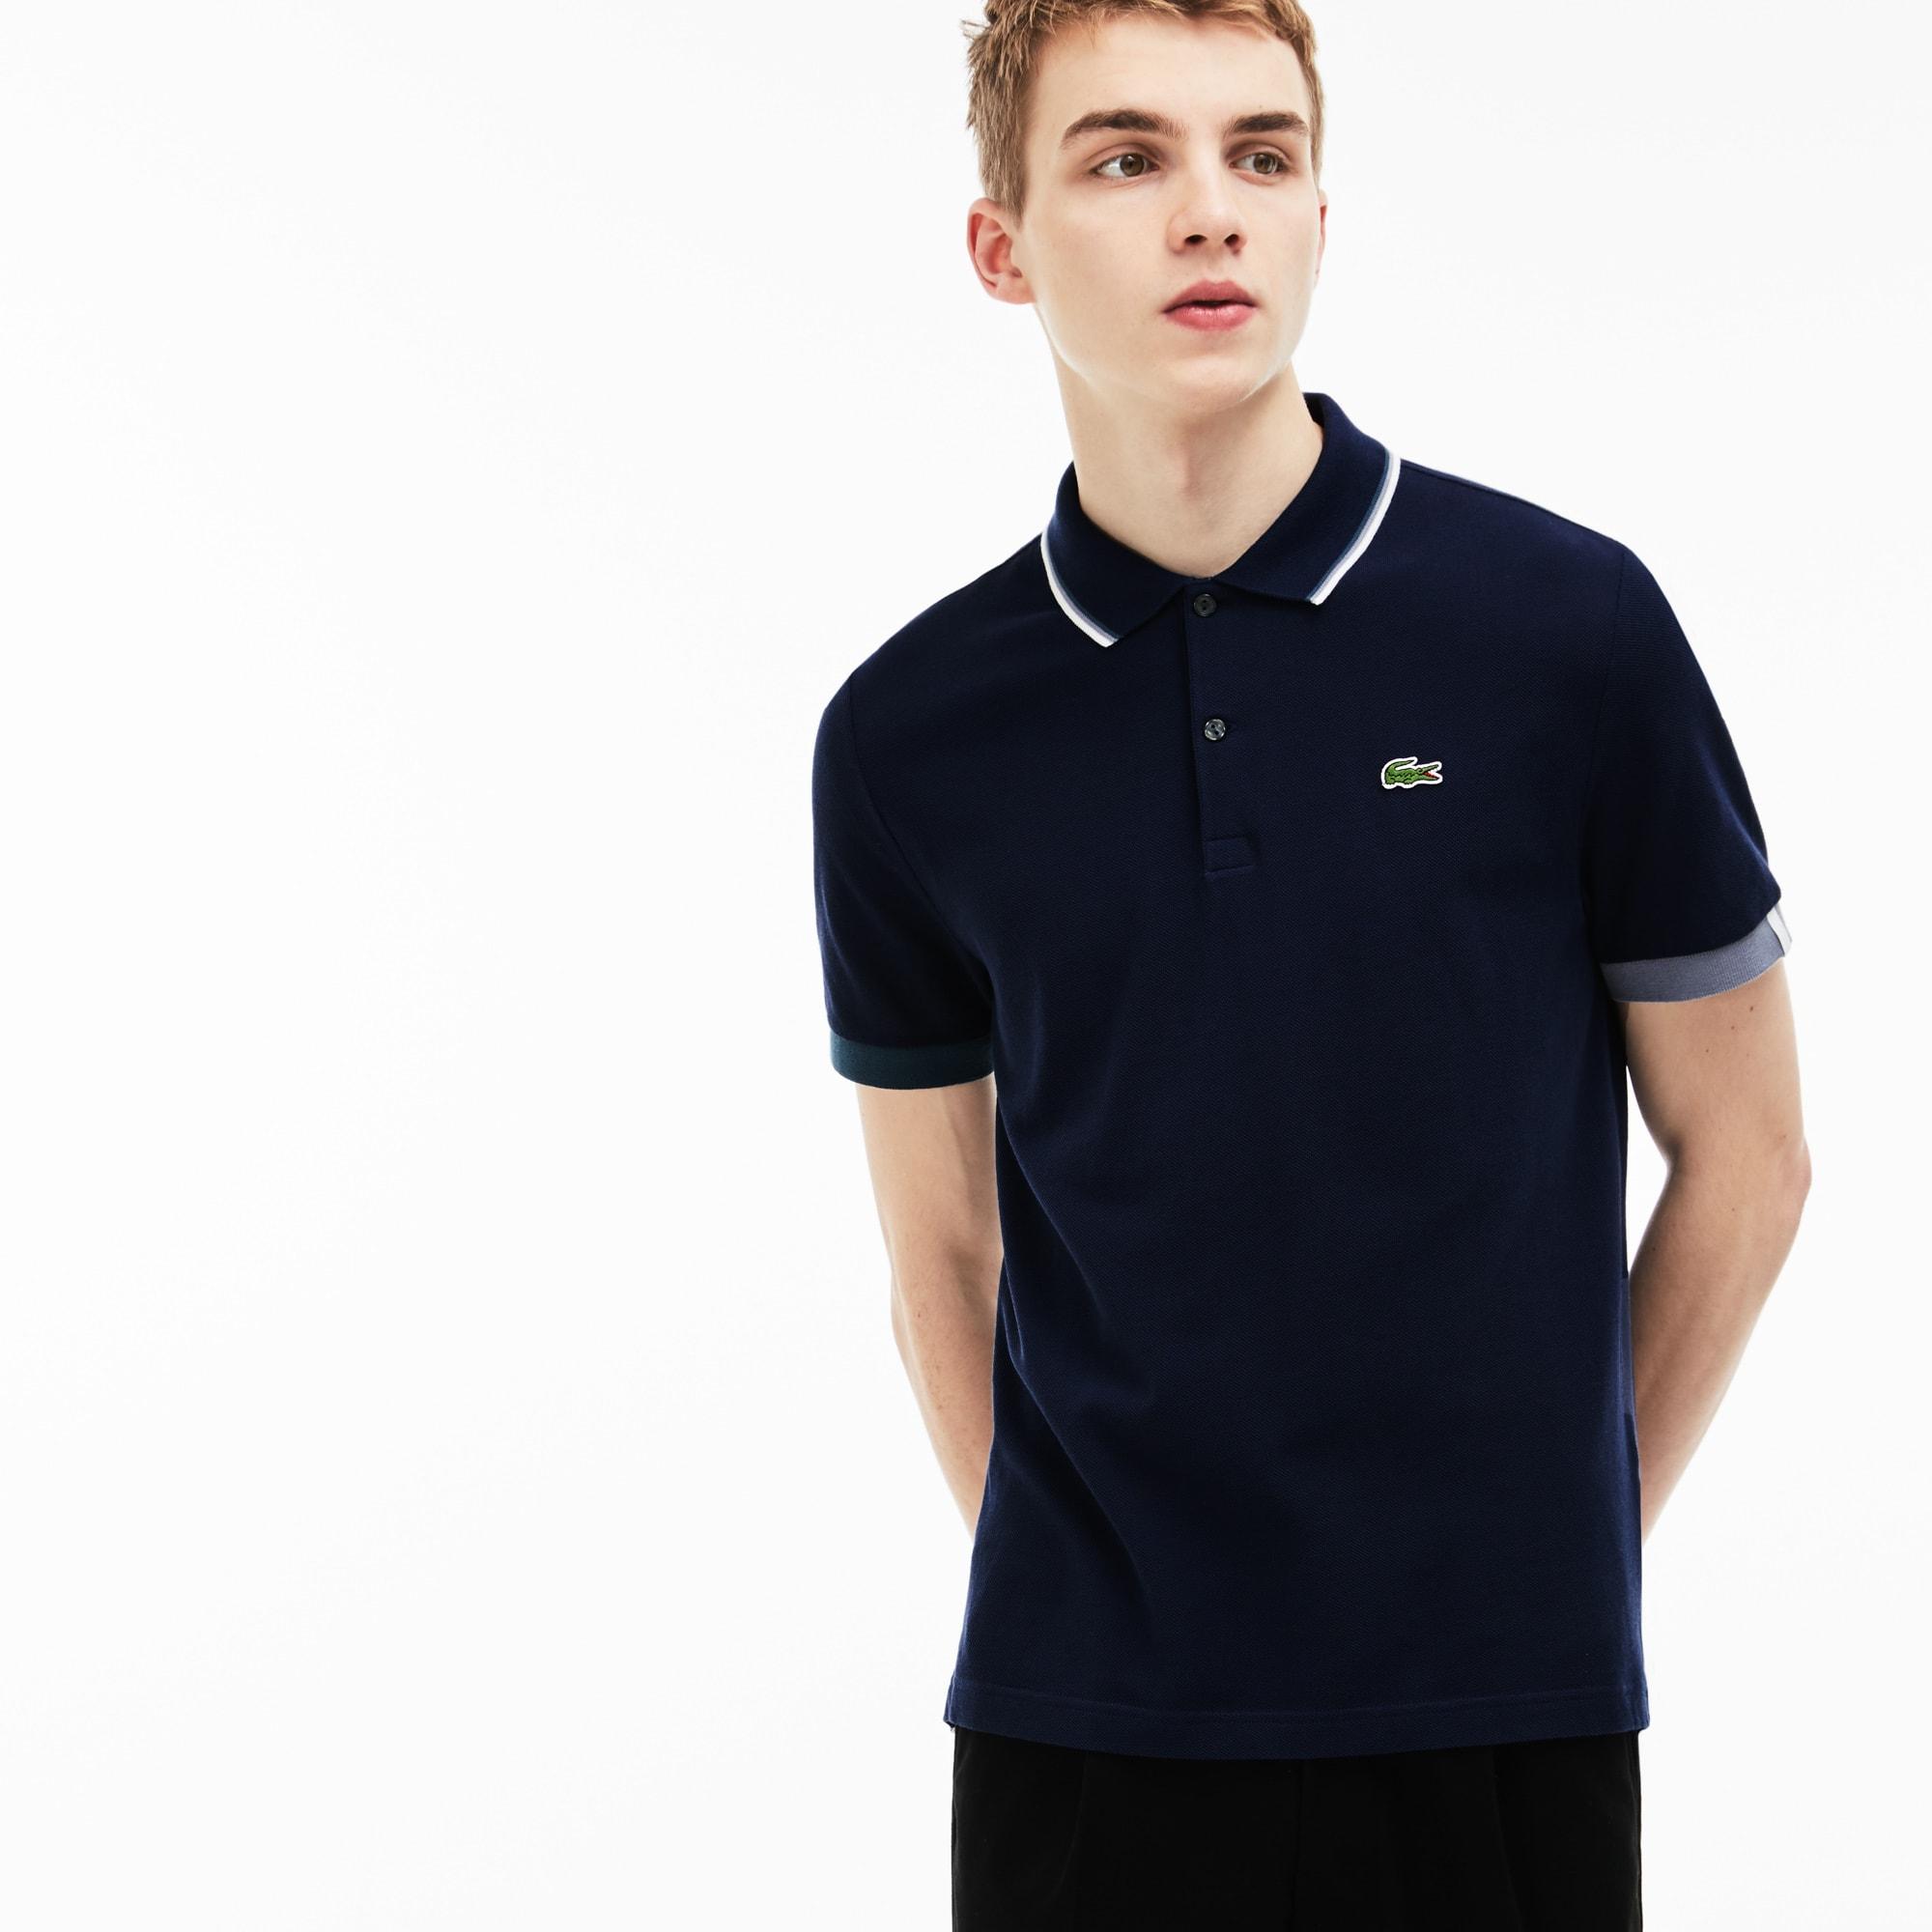 Men's LIVE Slim Fit Piped Neck Petit Piqué Polo